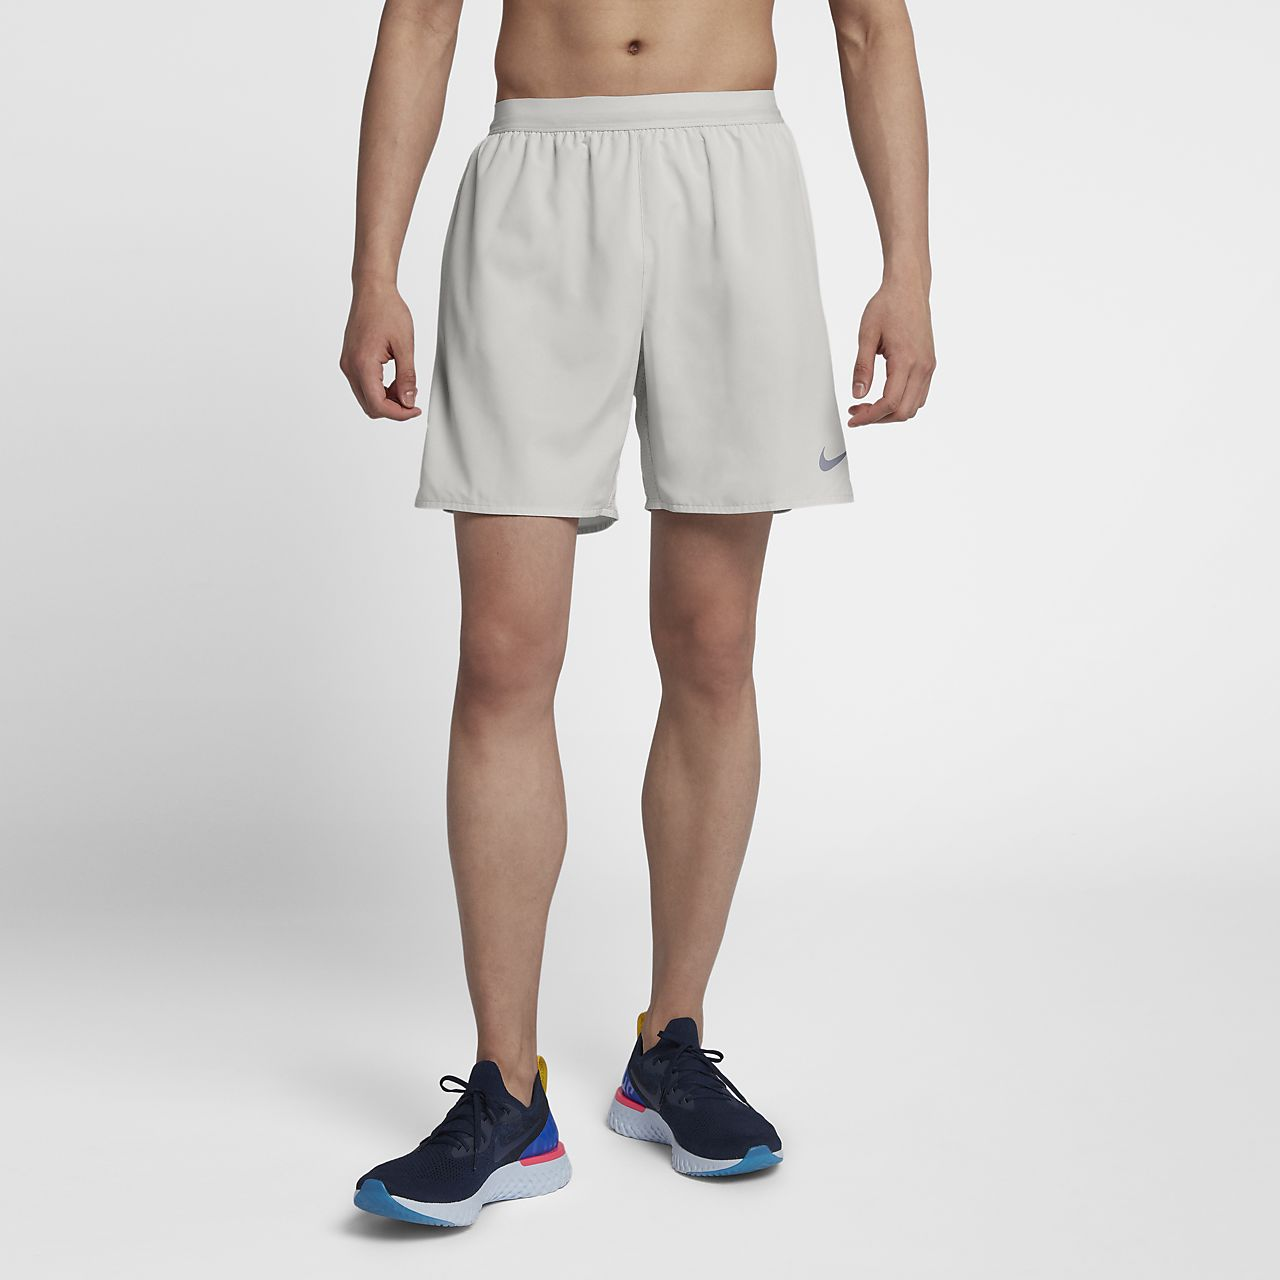 Short de running FR doublé Nike Distance 18 cm pour FR running de6448